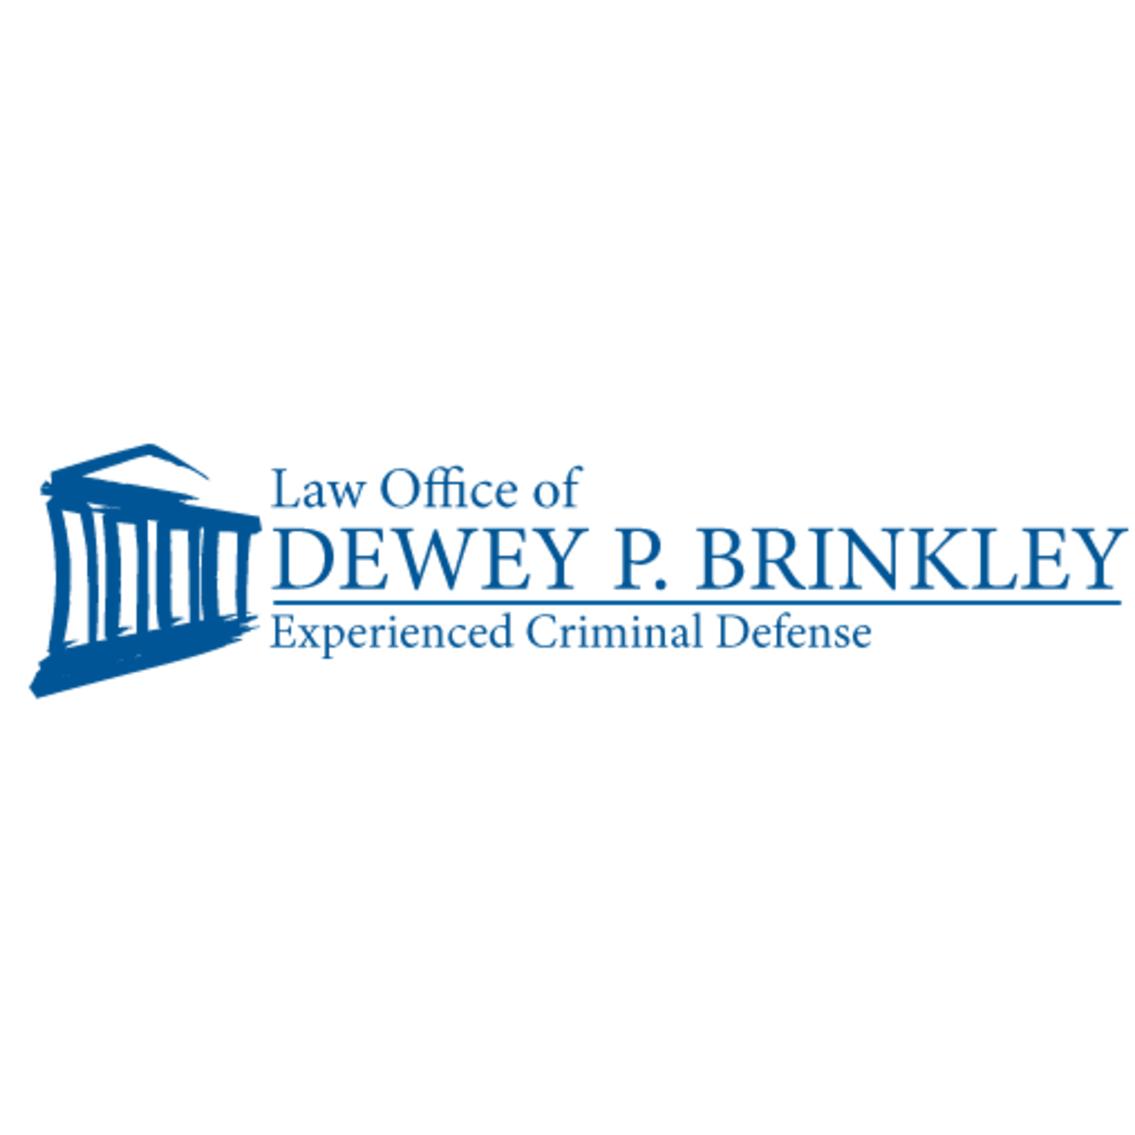 Law Office of Dewey P. Brinkley